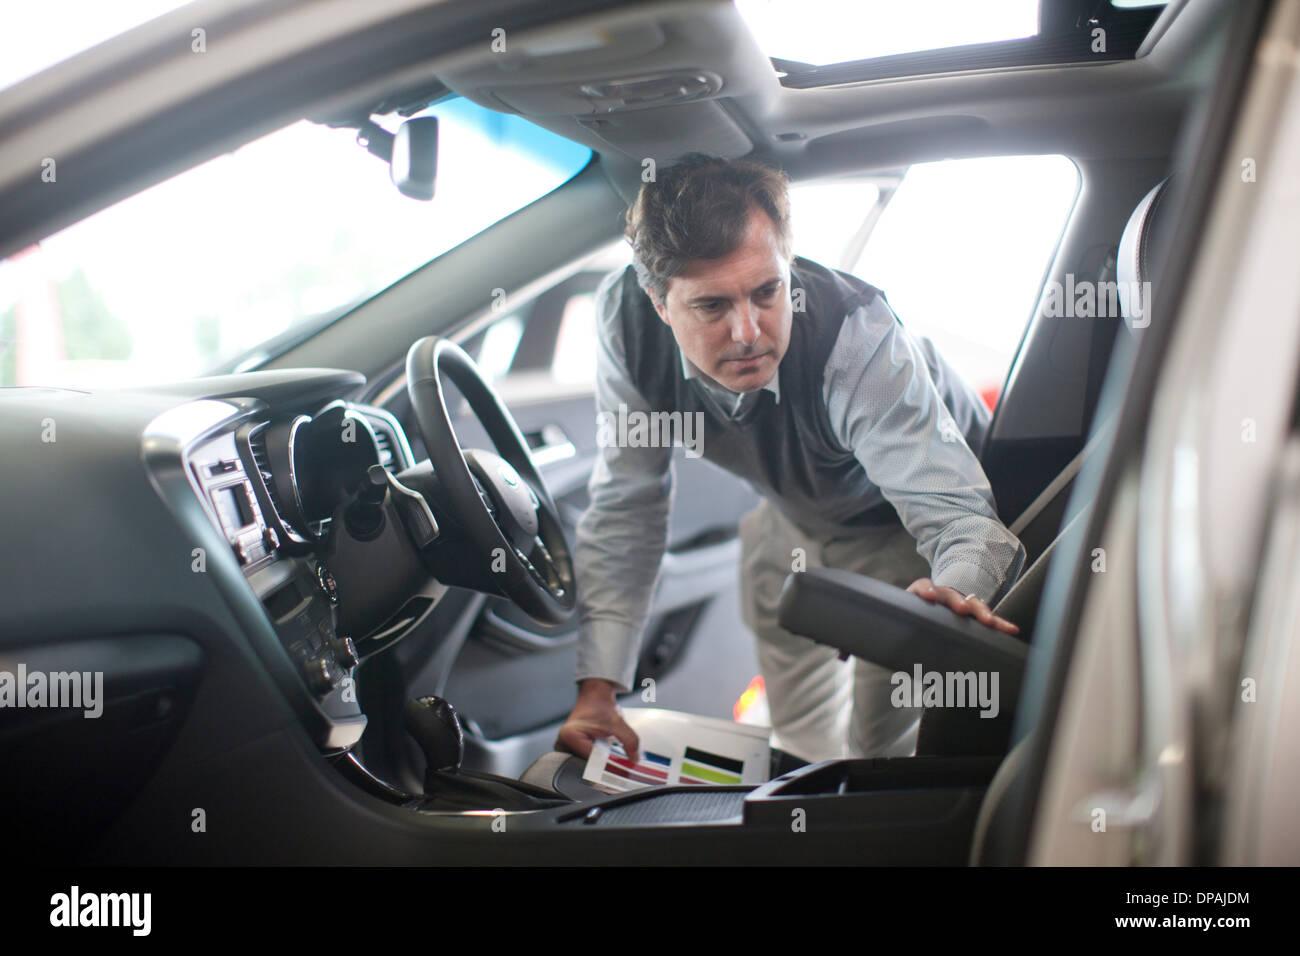 Metà uomo adulto braccio di controllo del resto in showroom per auto Immagini Stock